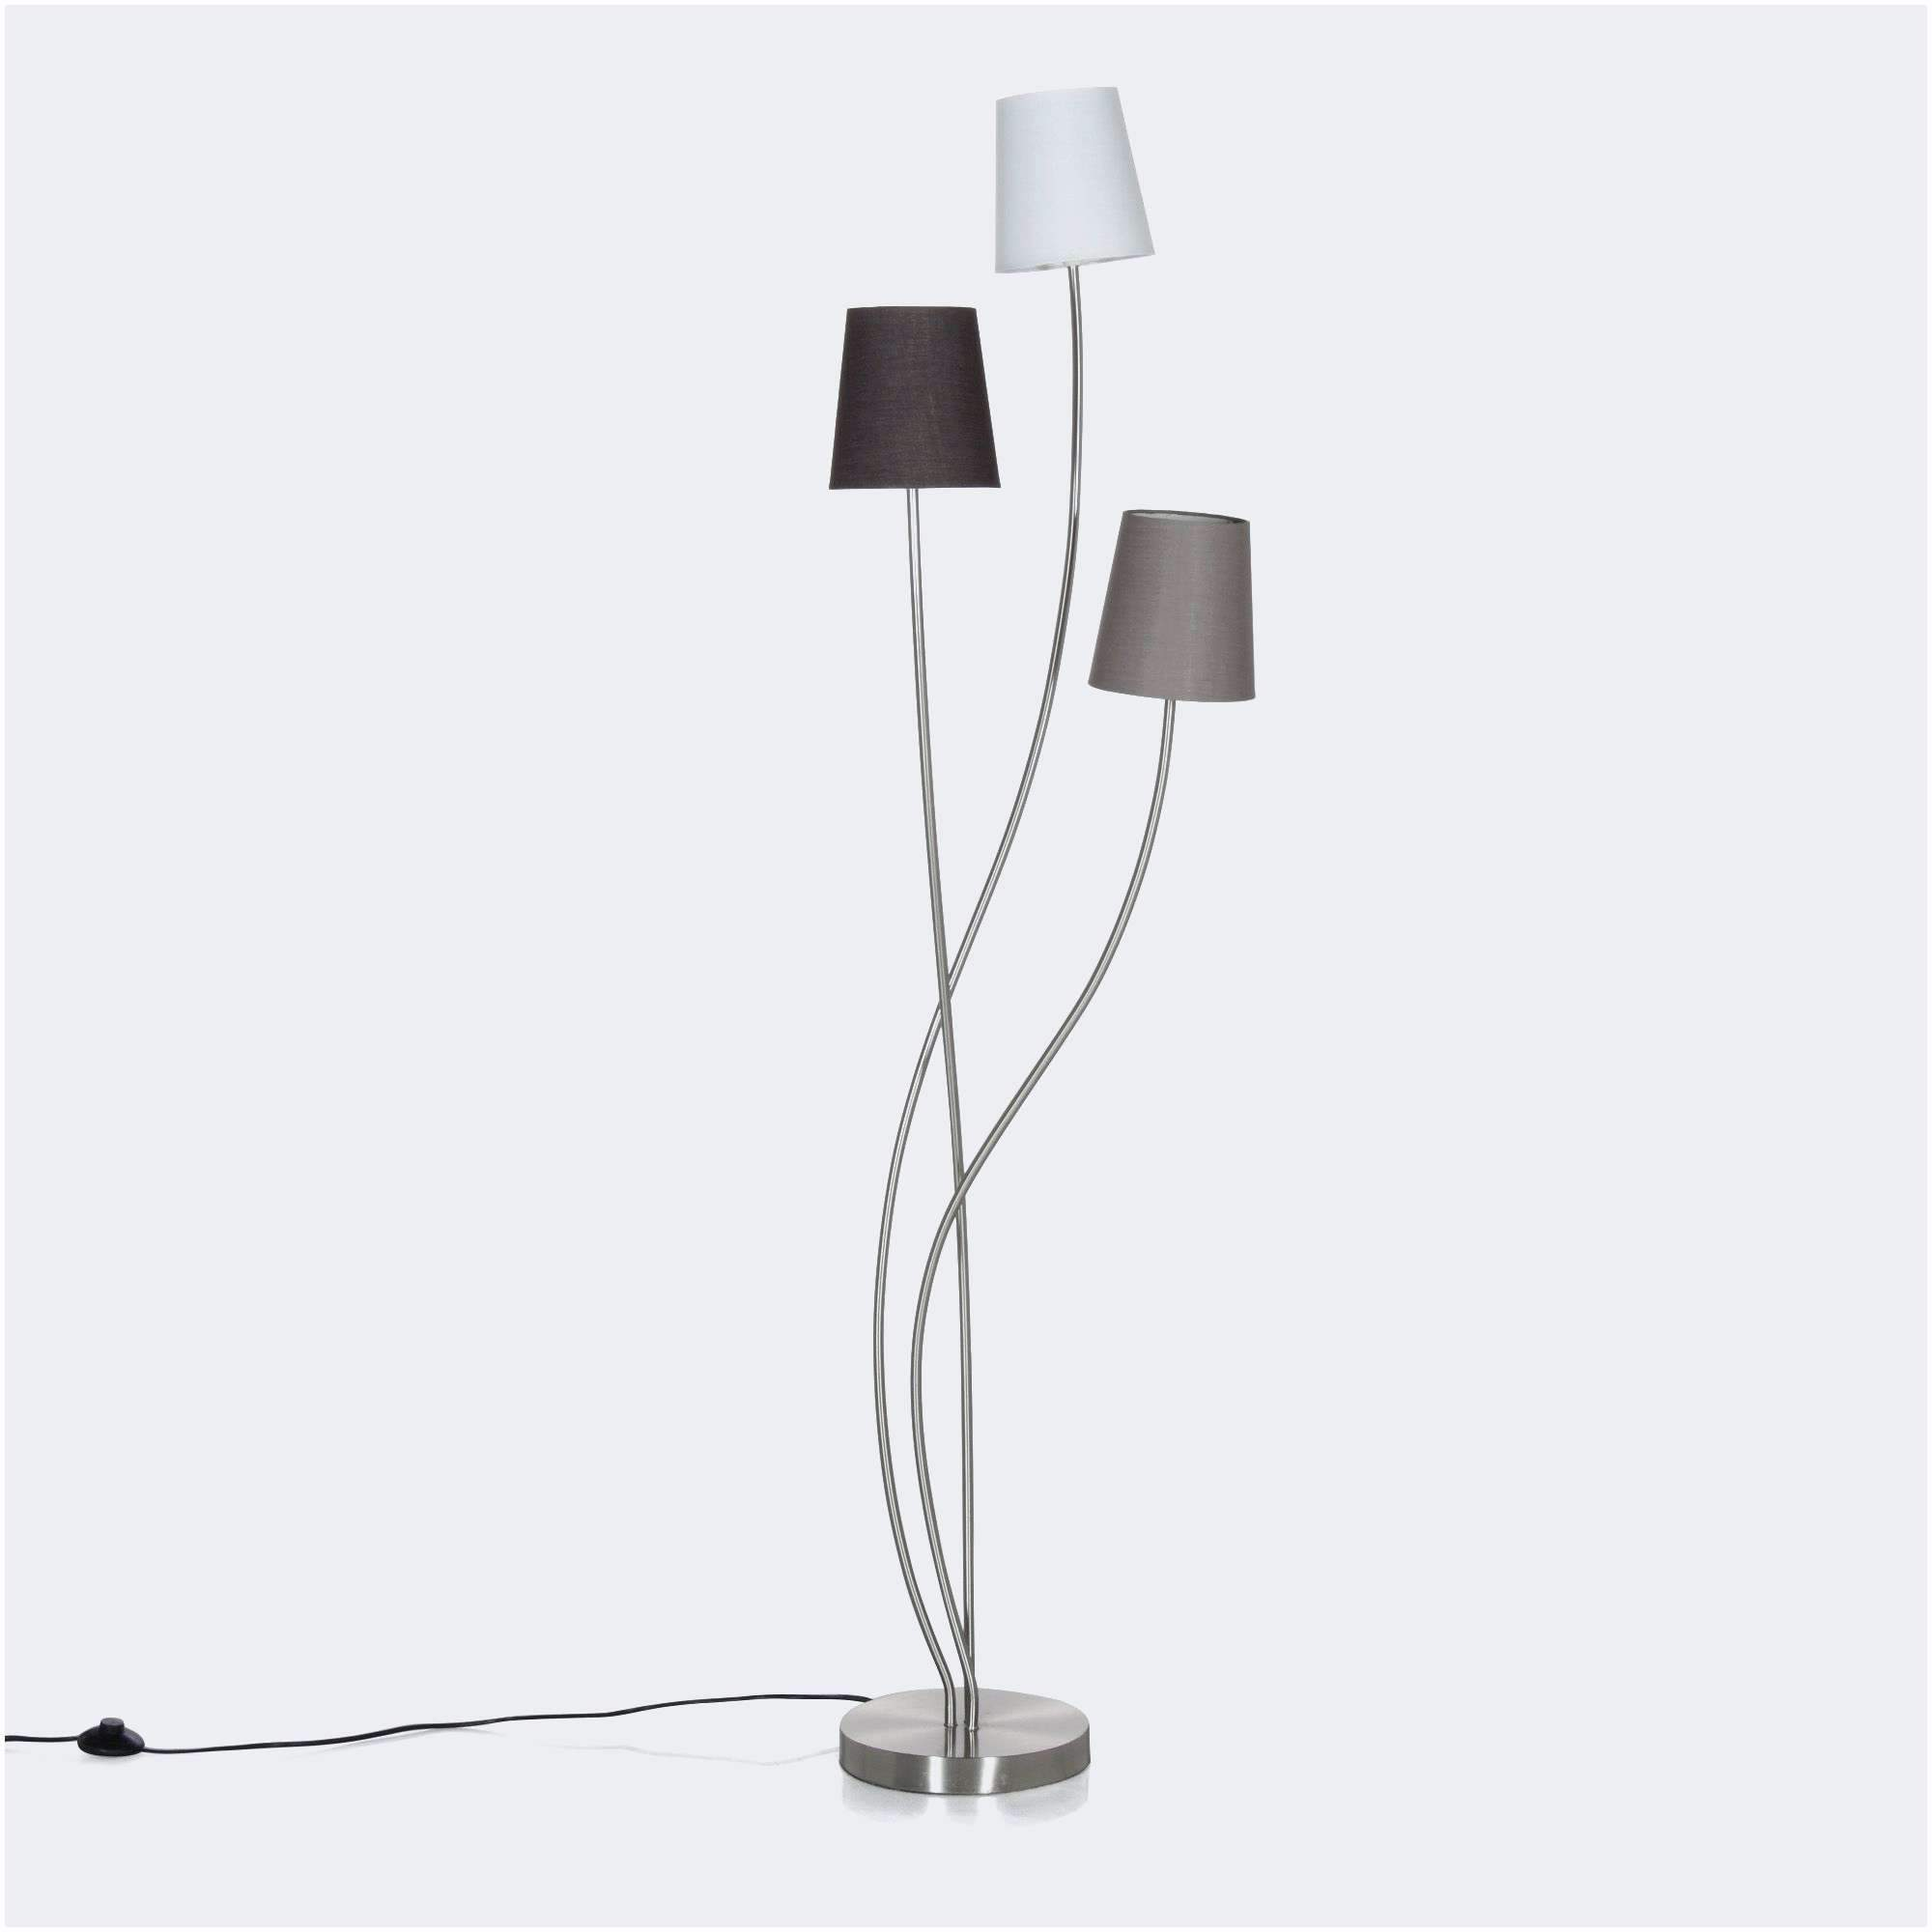 Full Size of Ikea Lampen Wohnzimmer Neu 25 Beste Inspiration Zu Küche Kosten Betten Bei Schlafzimmer Badezimmer Led Esstisch Deckenlampen Modulküche Sofa Mit Wohnzimmer Ikea Lampen